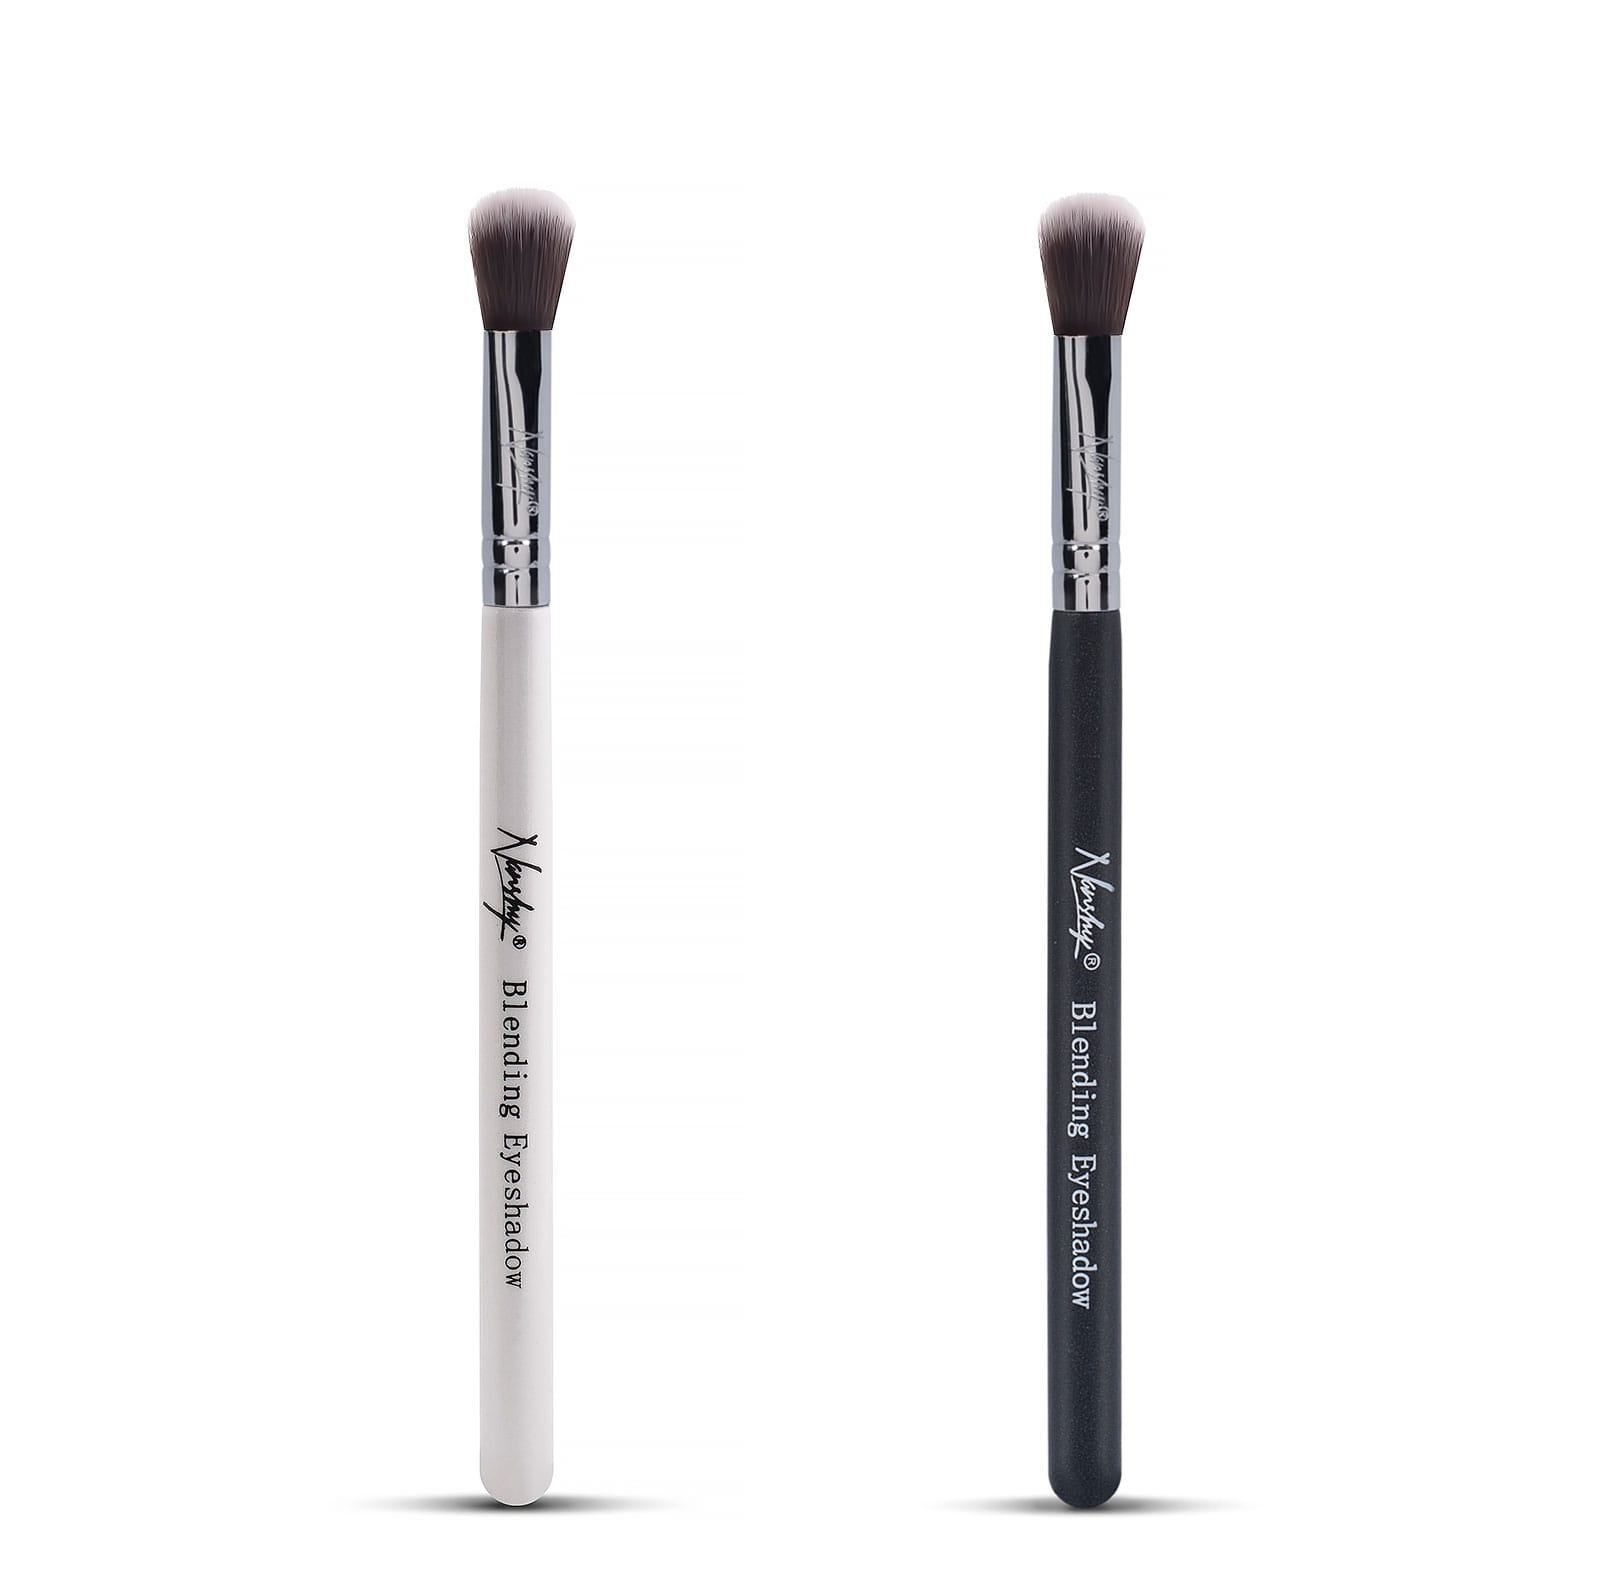 Blending Eyeshadow Makeup Brush